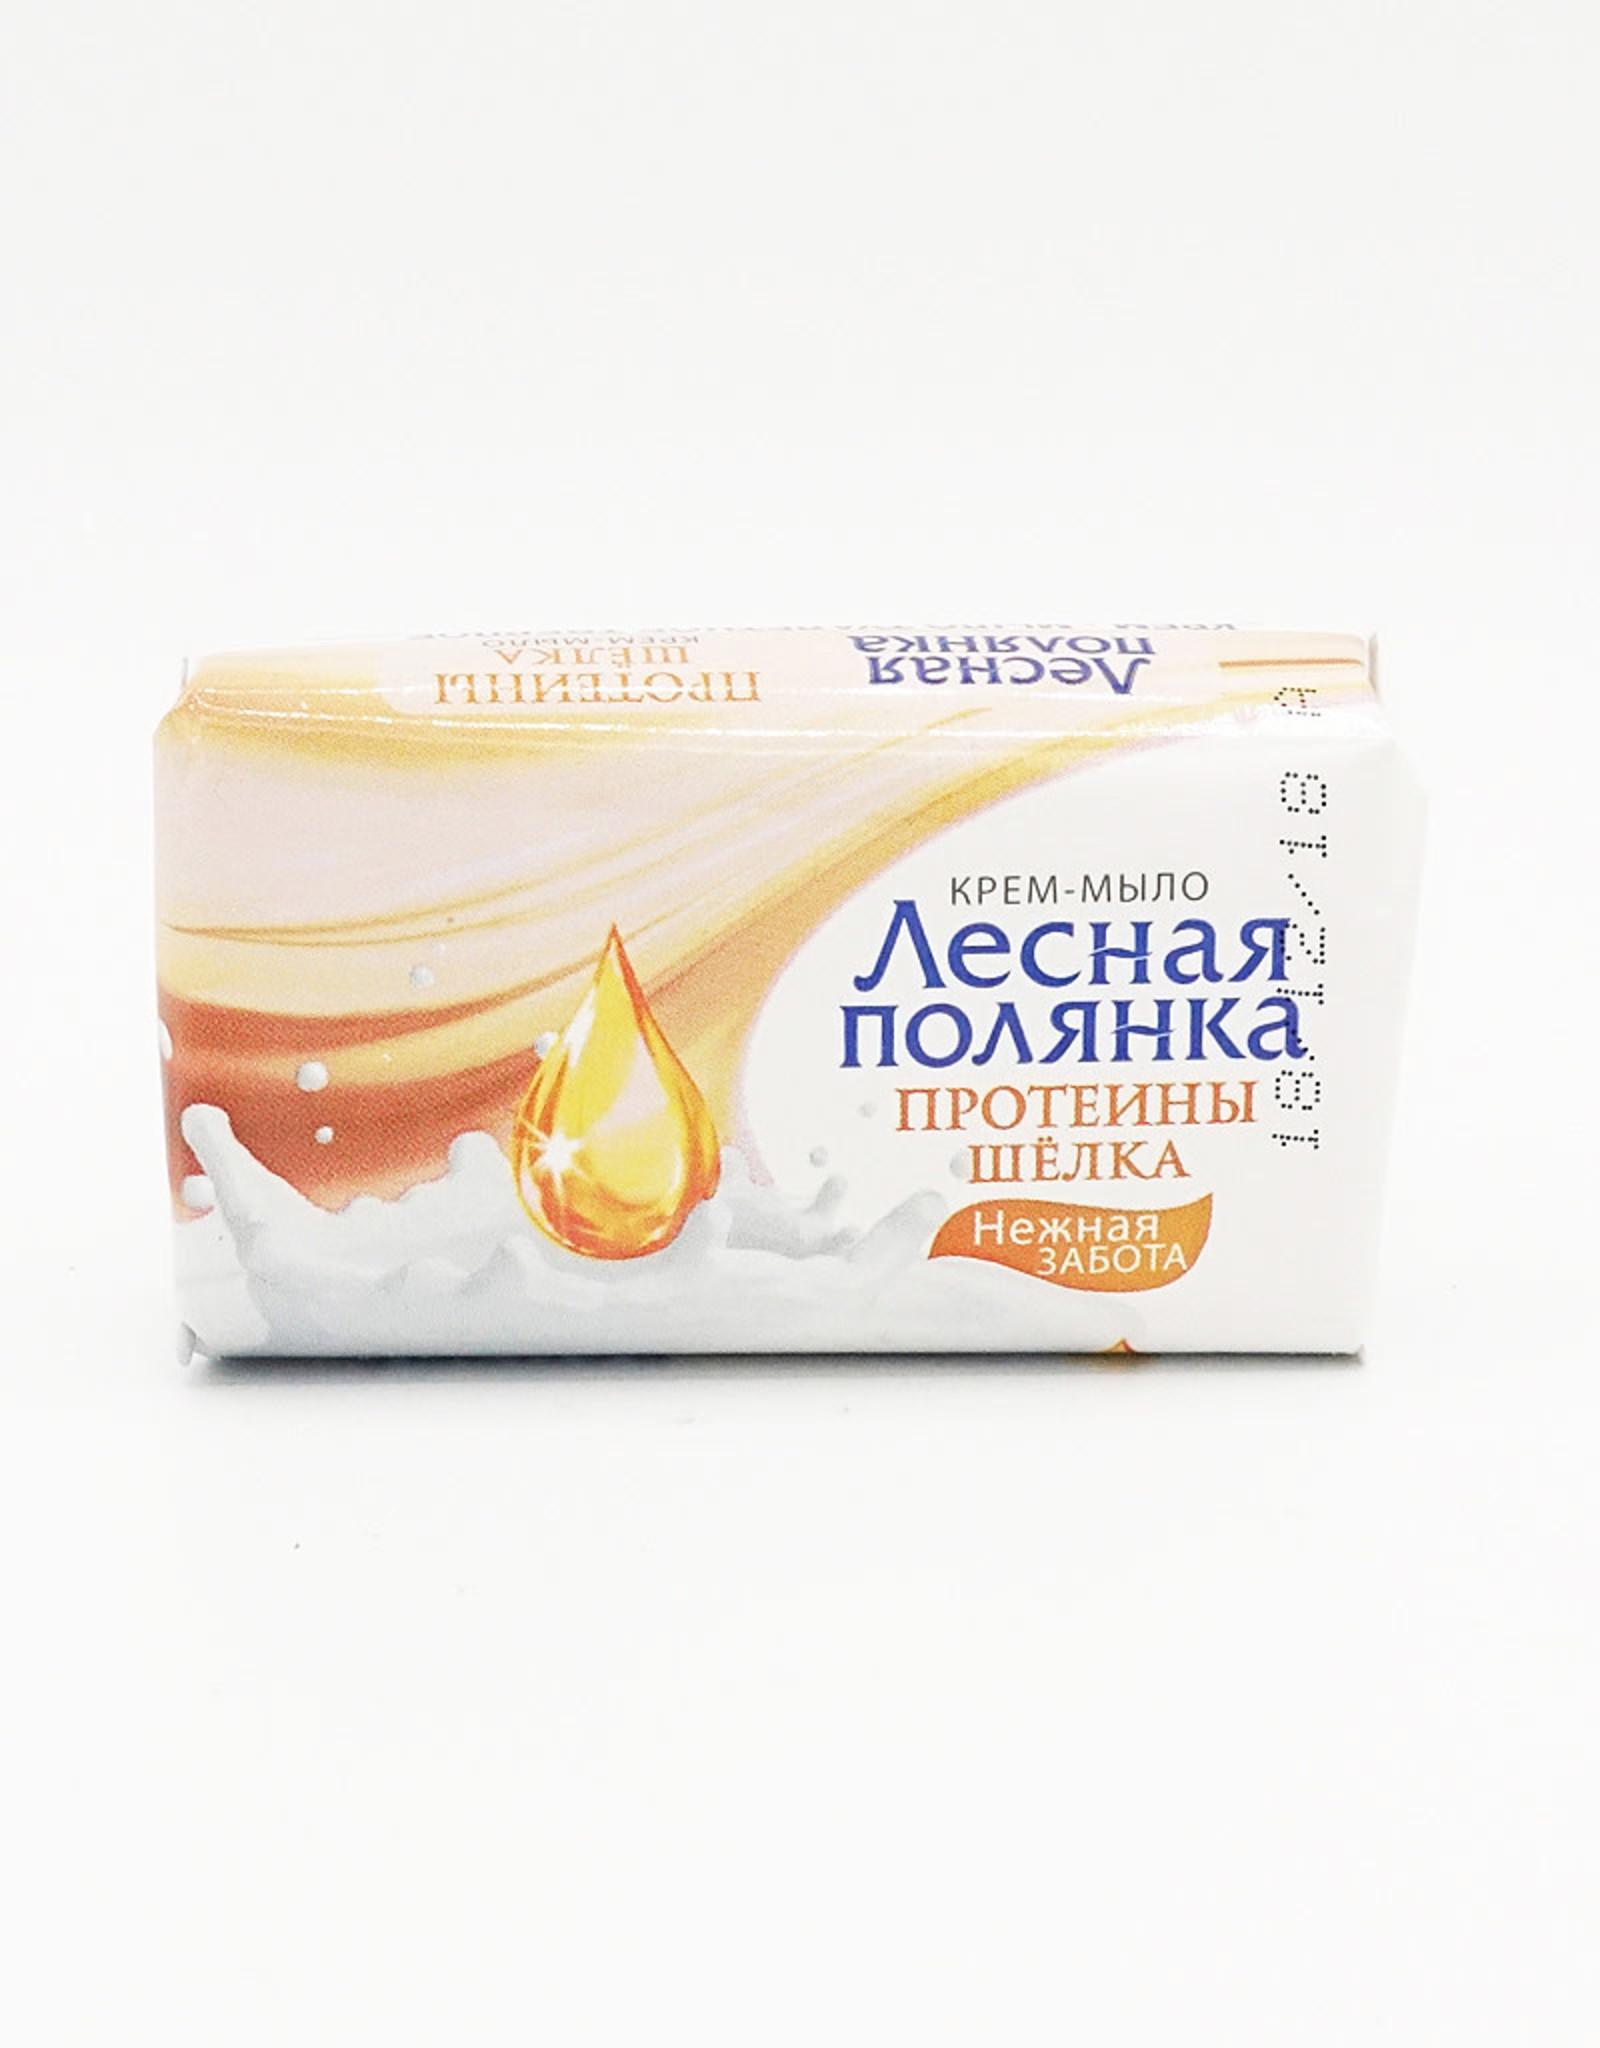 Лесная Полянка Крем-Мыло, Протеины Шёлка